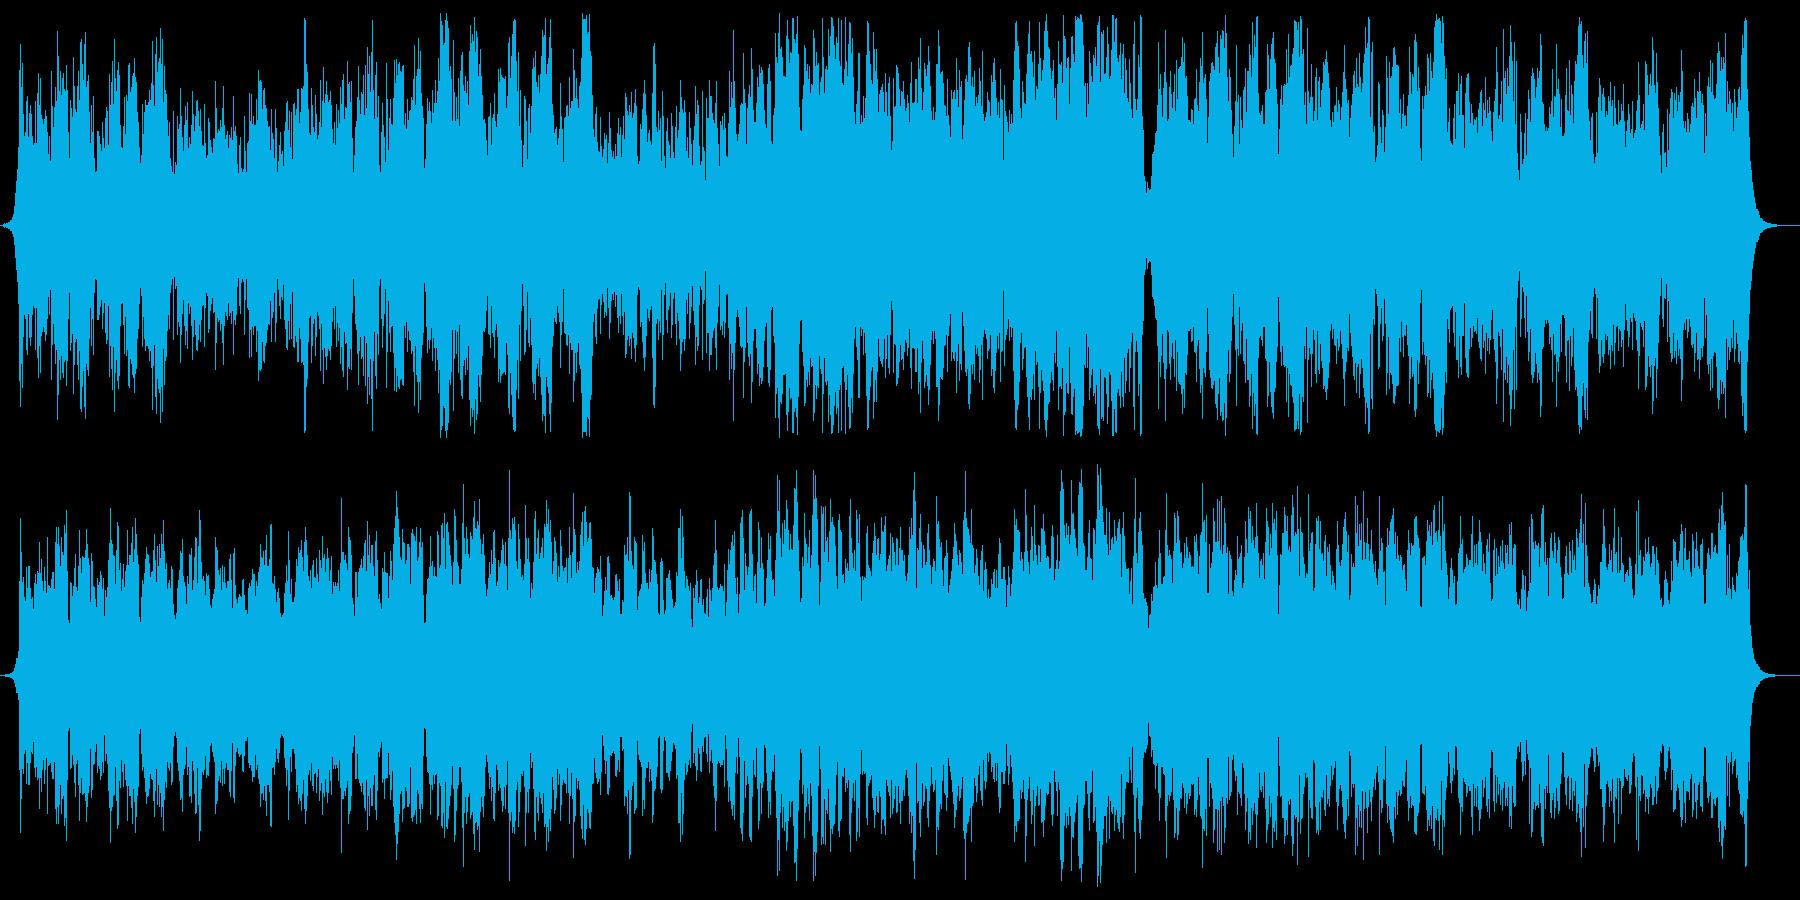 優雅でクラシカルなポップサウンドの再生済みの波形